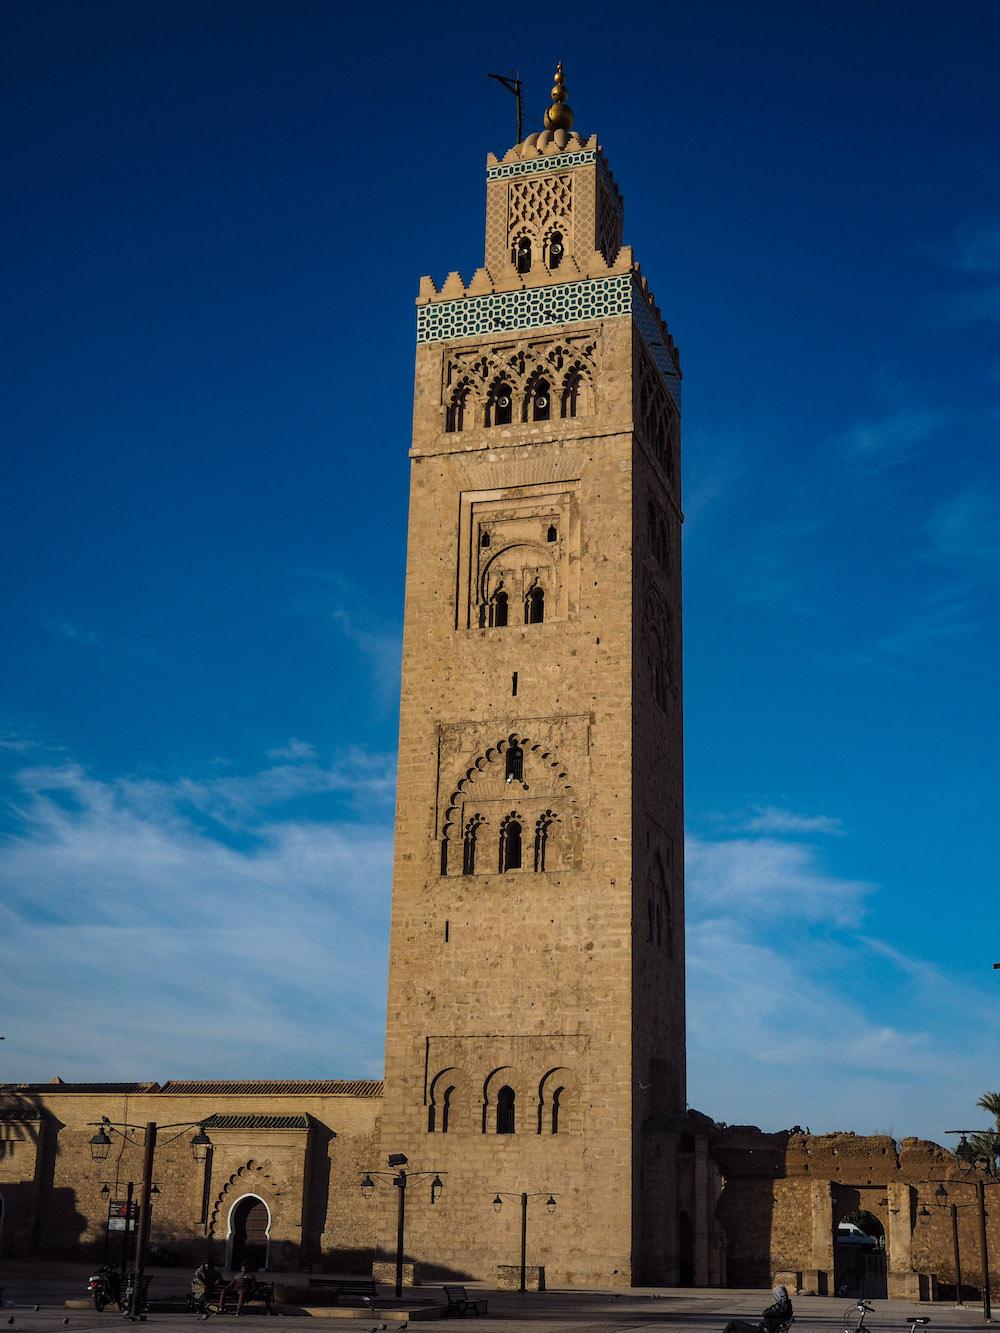 Long Weekend in Marrakech, Koutoubia Mosque